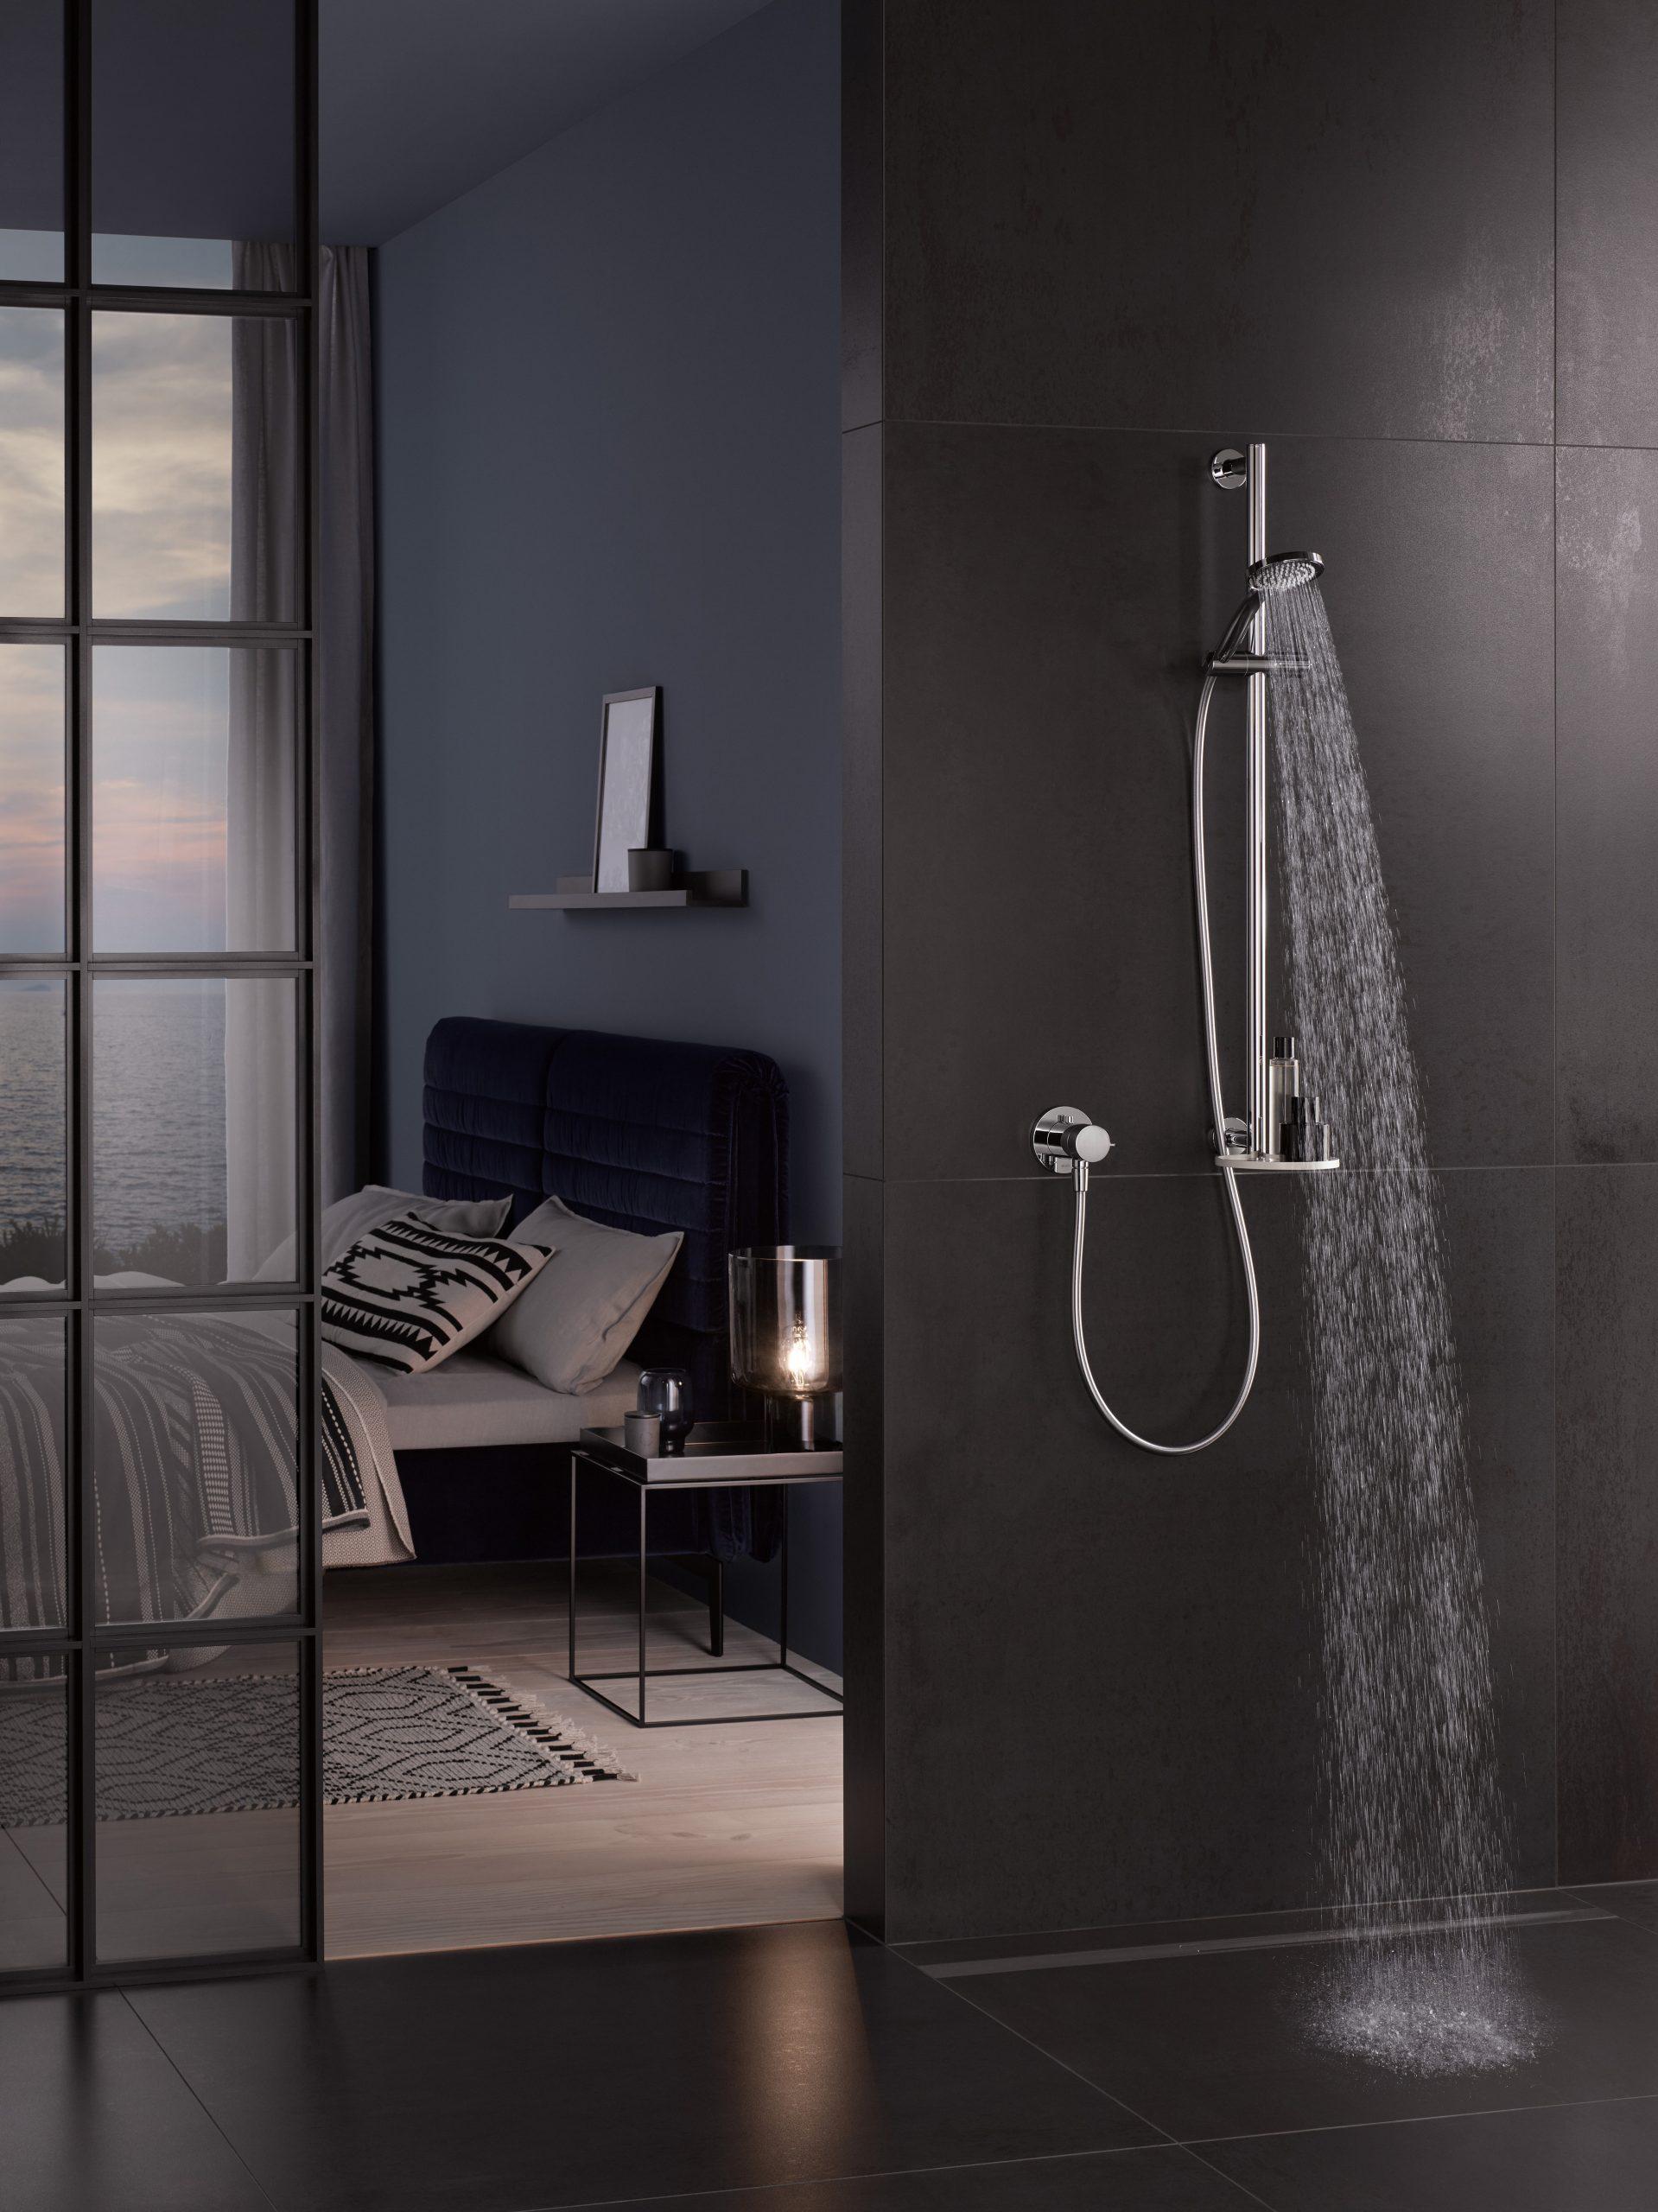 Mijn-bad-in-stijl-natuursteen-badkamer-douche